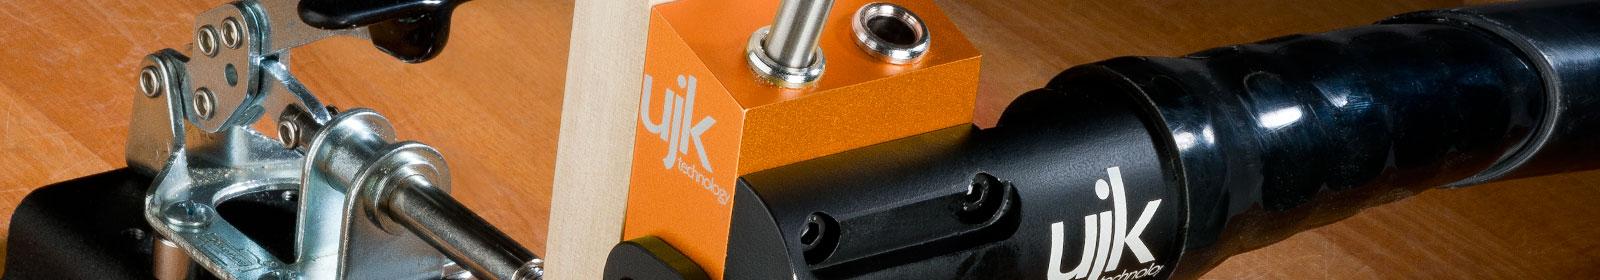 UJK Technology Pocket Hole Joinery